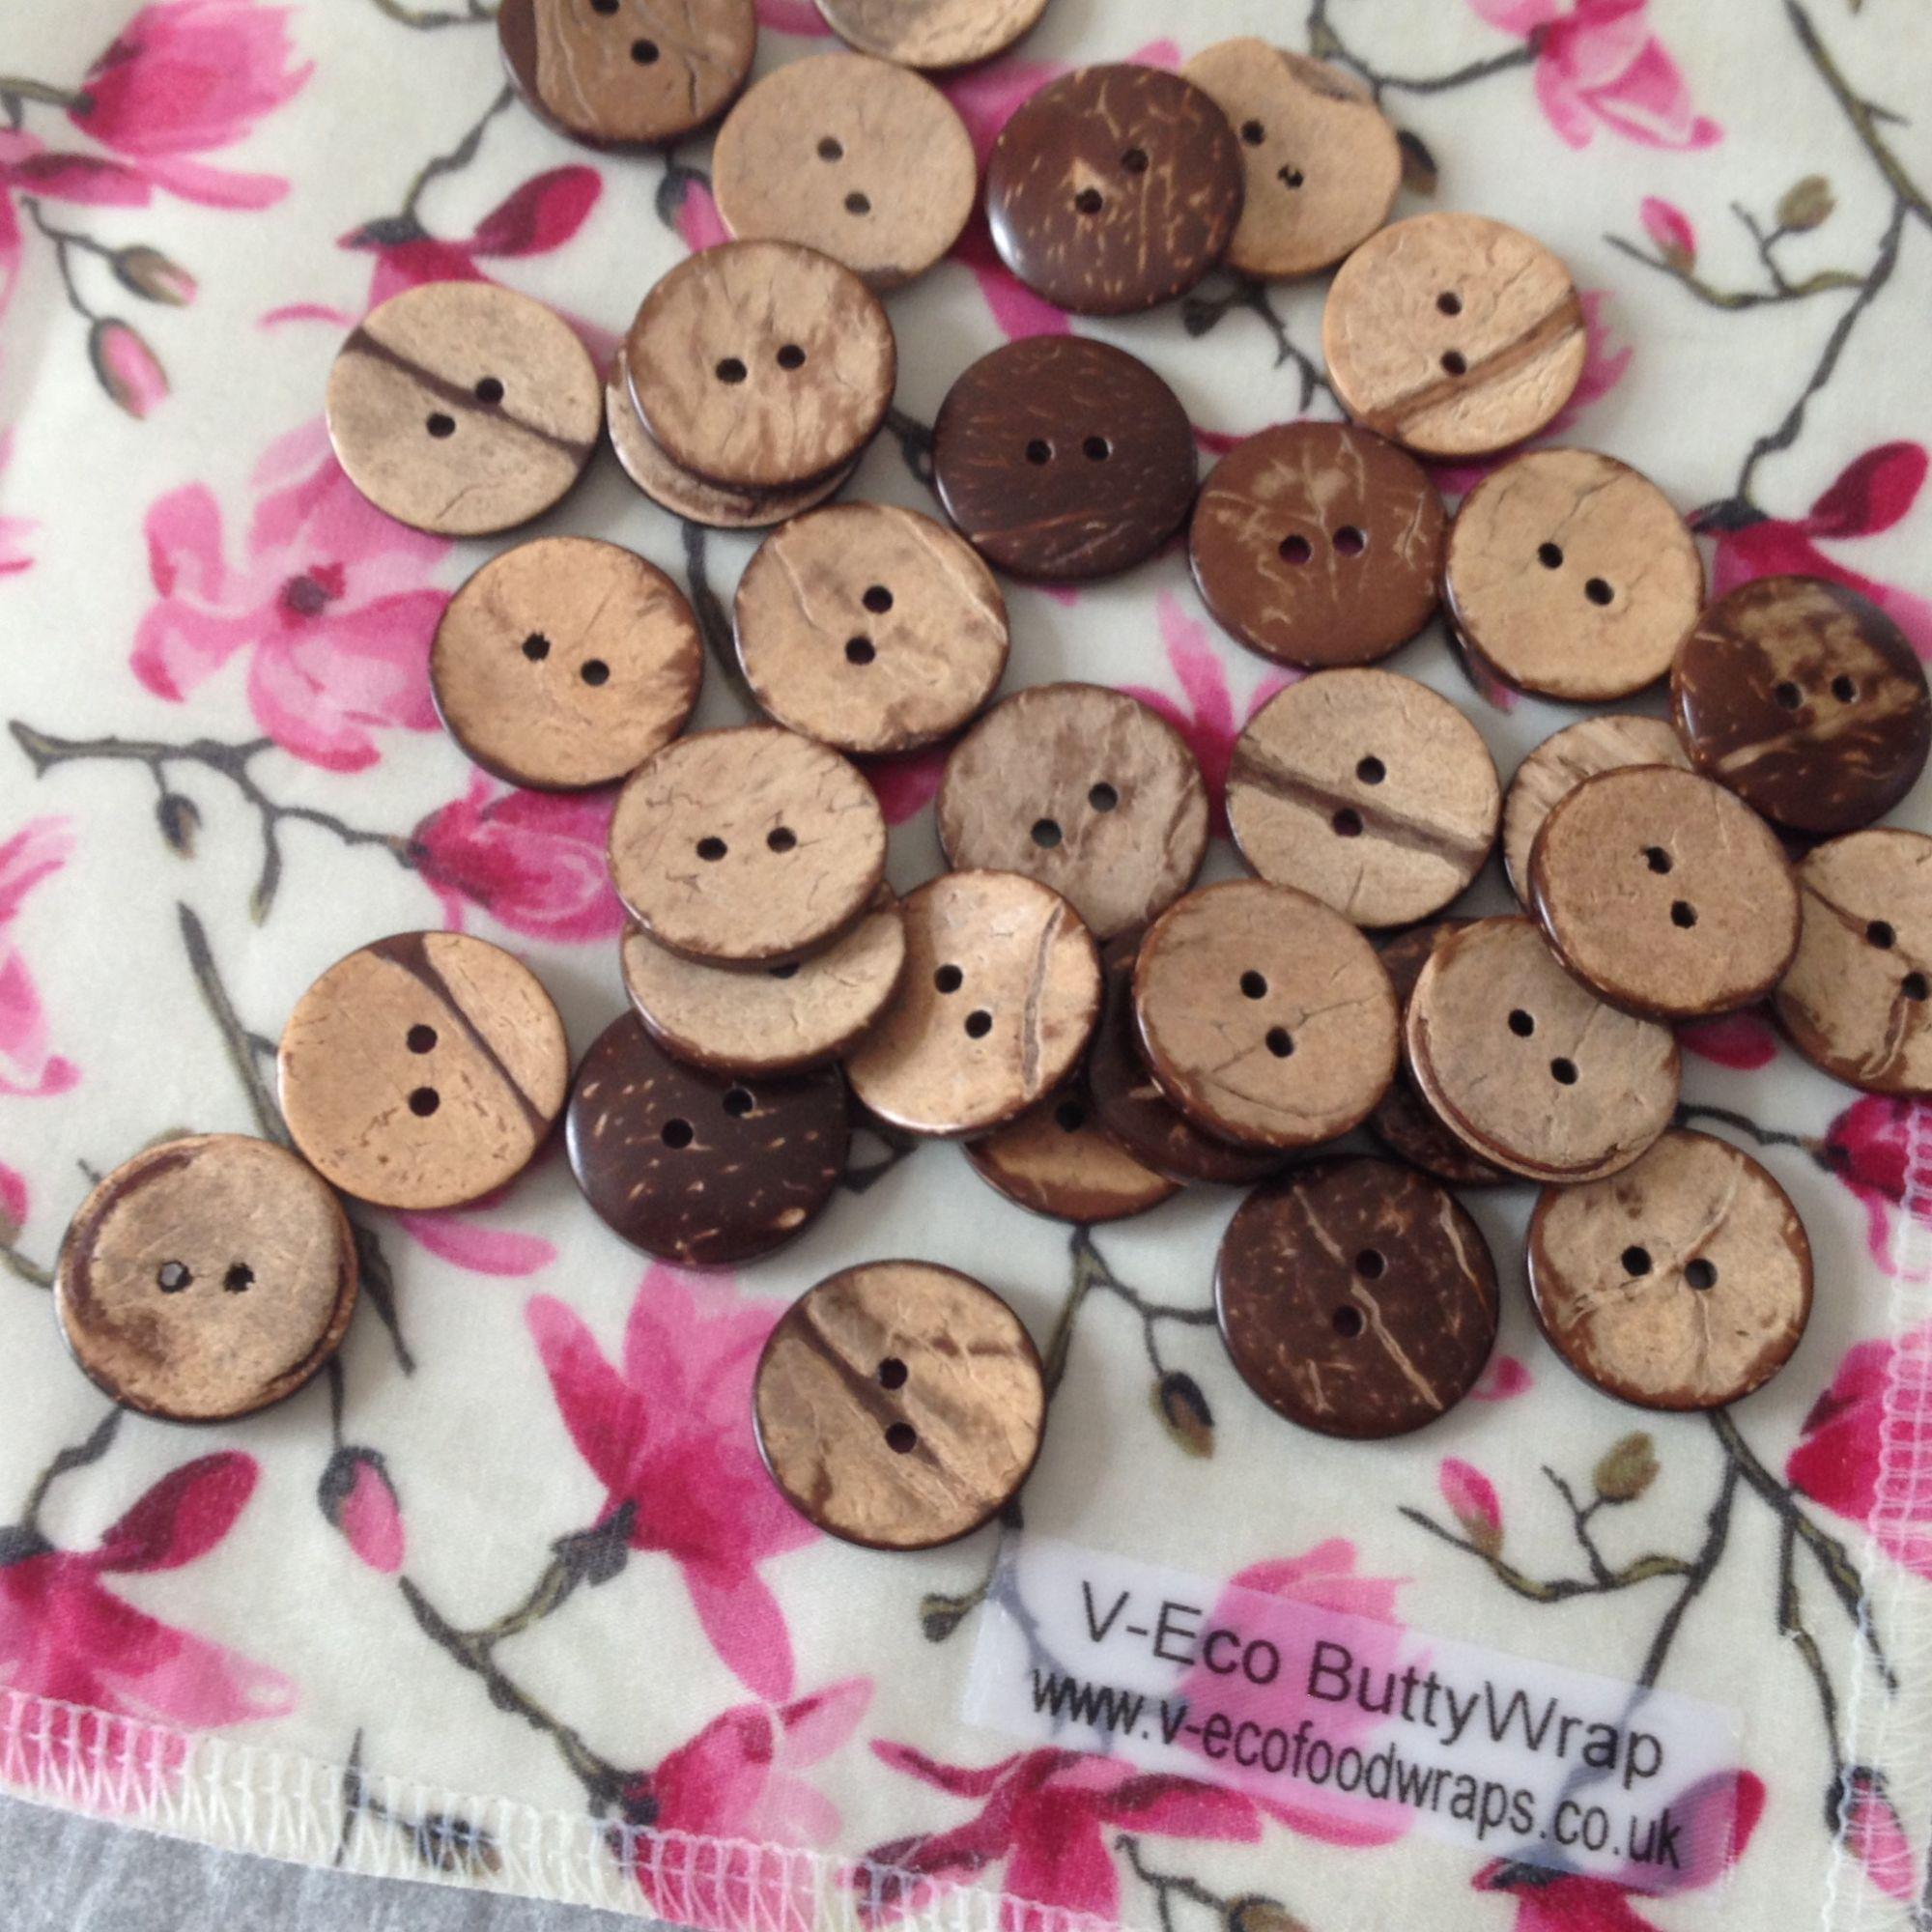 Coconut buttons, V_Eco Home